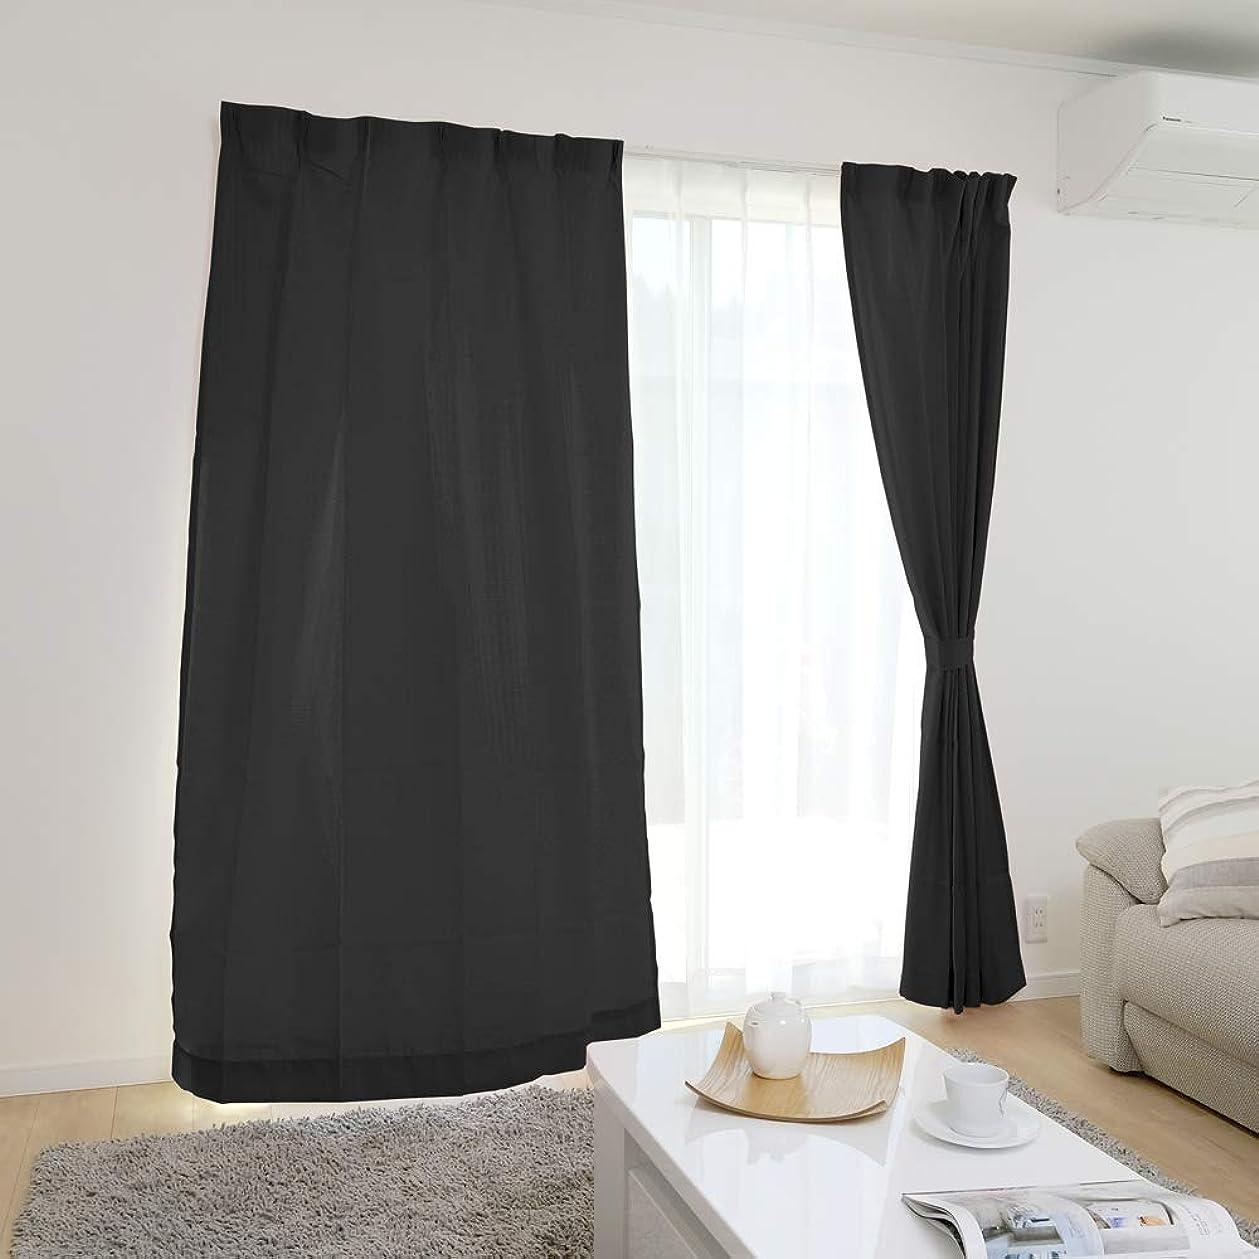 二十一人でツインアイリスプラザ カーテン ブラック 幅100cm×丈178cm